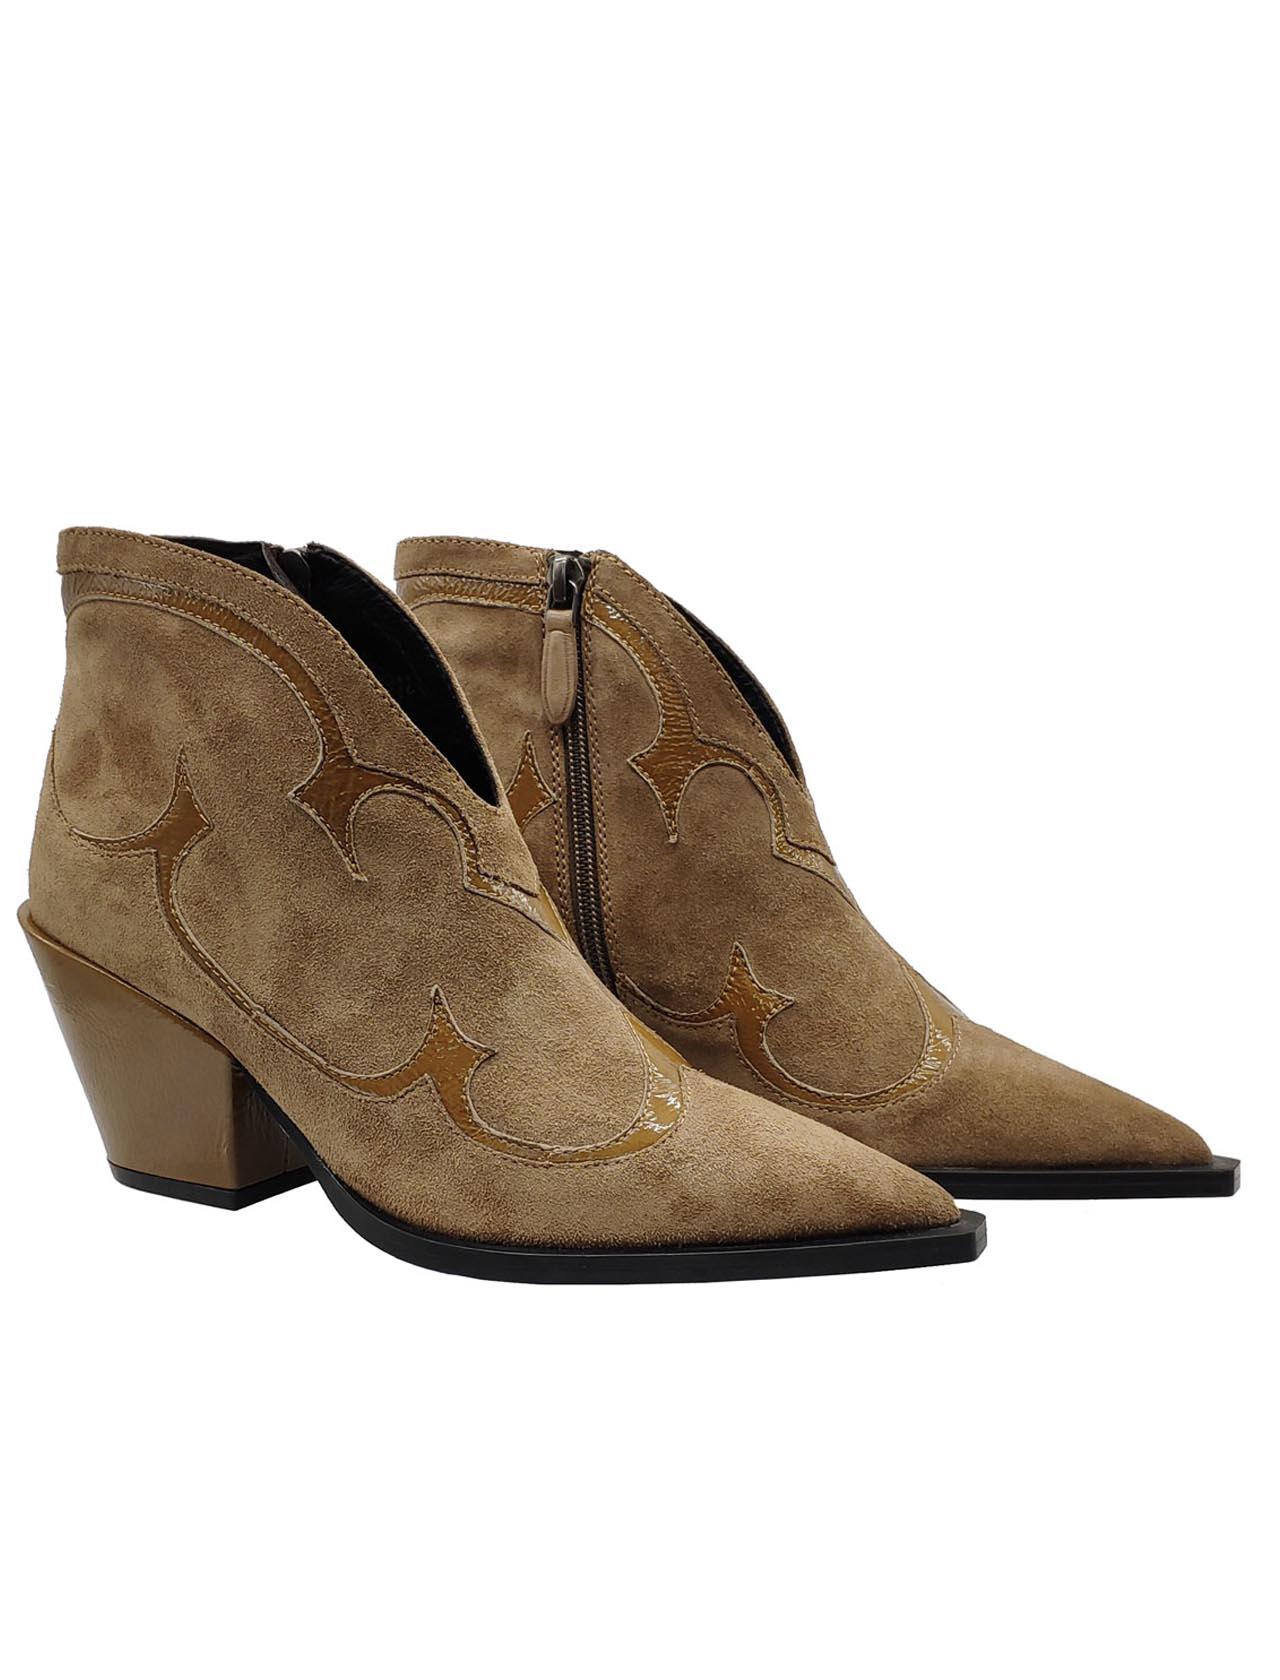 Calzature Donna Stivaletti Texani In Camoscio Beige Con Inserti In Vernice e Tacco Bruno Premi | Stivaletti | BY6303XBEIGE